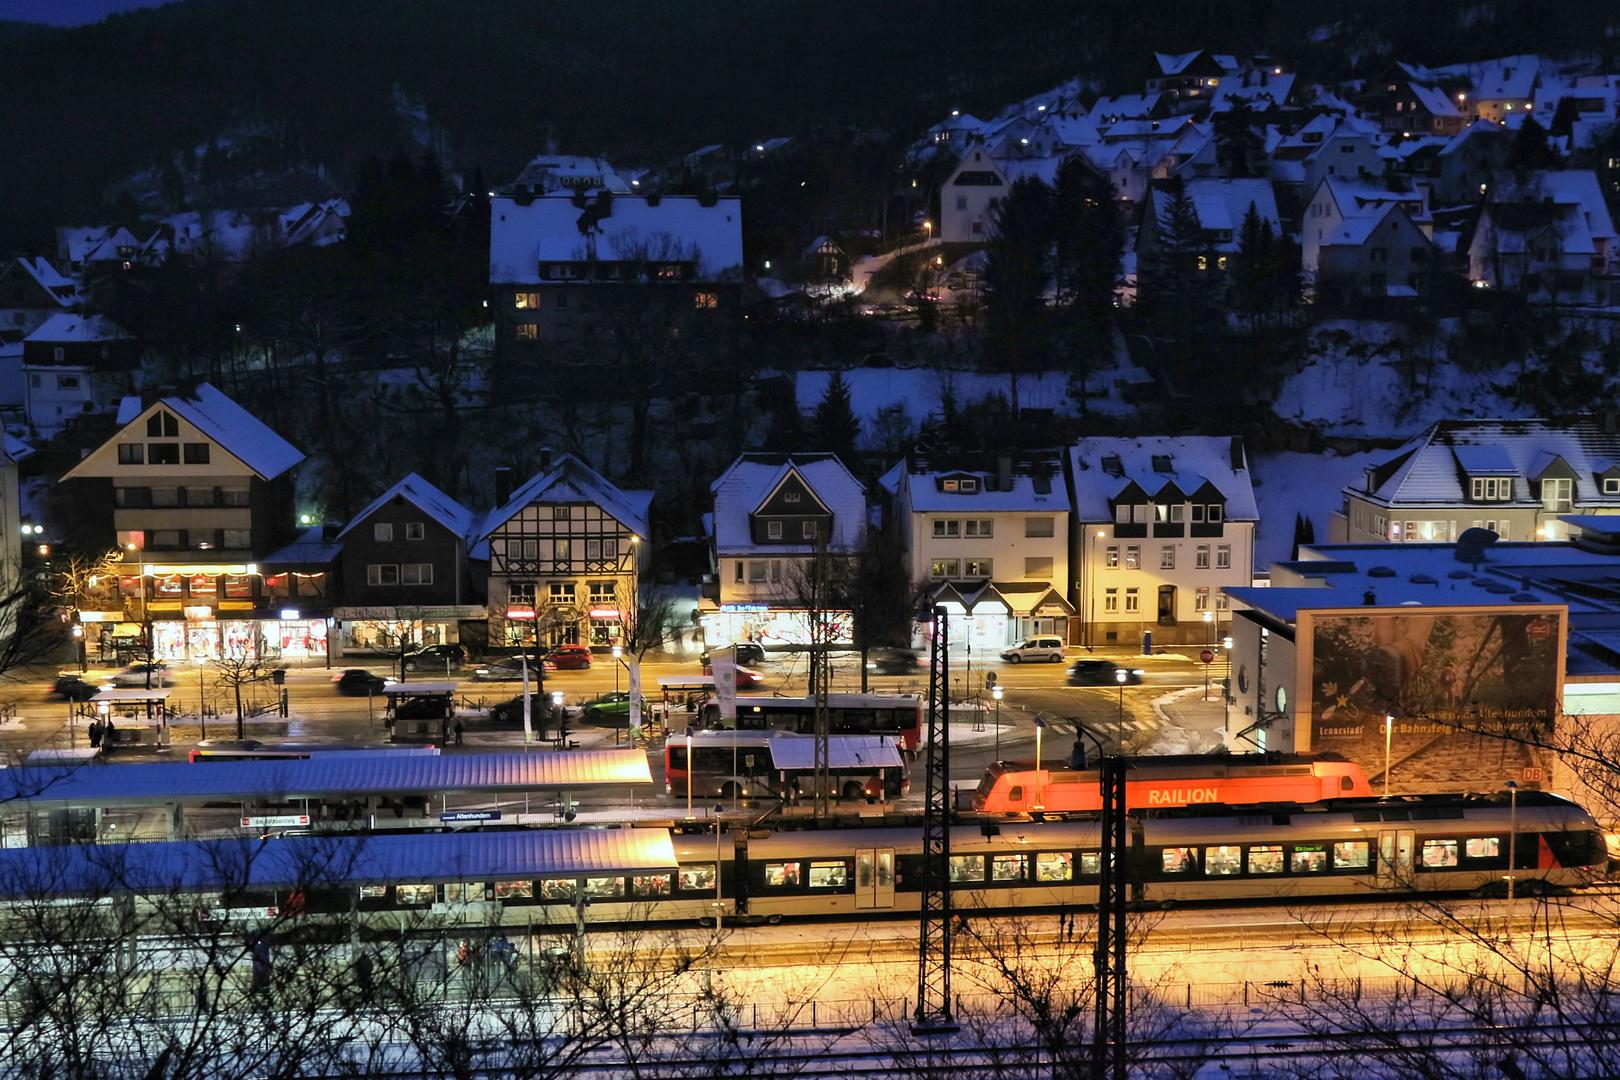 Der Bahnhof zum Rothaarsteig